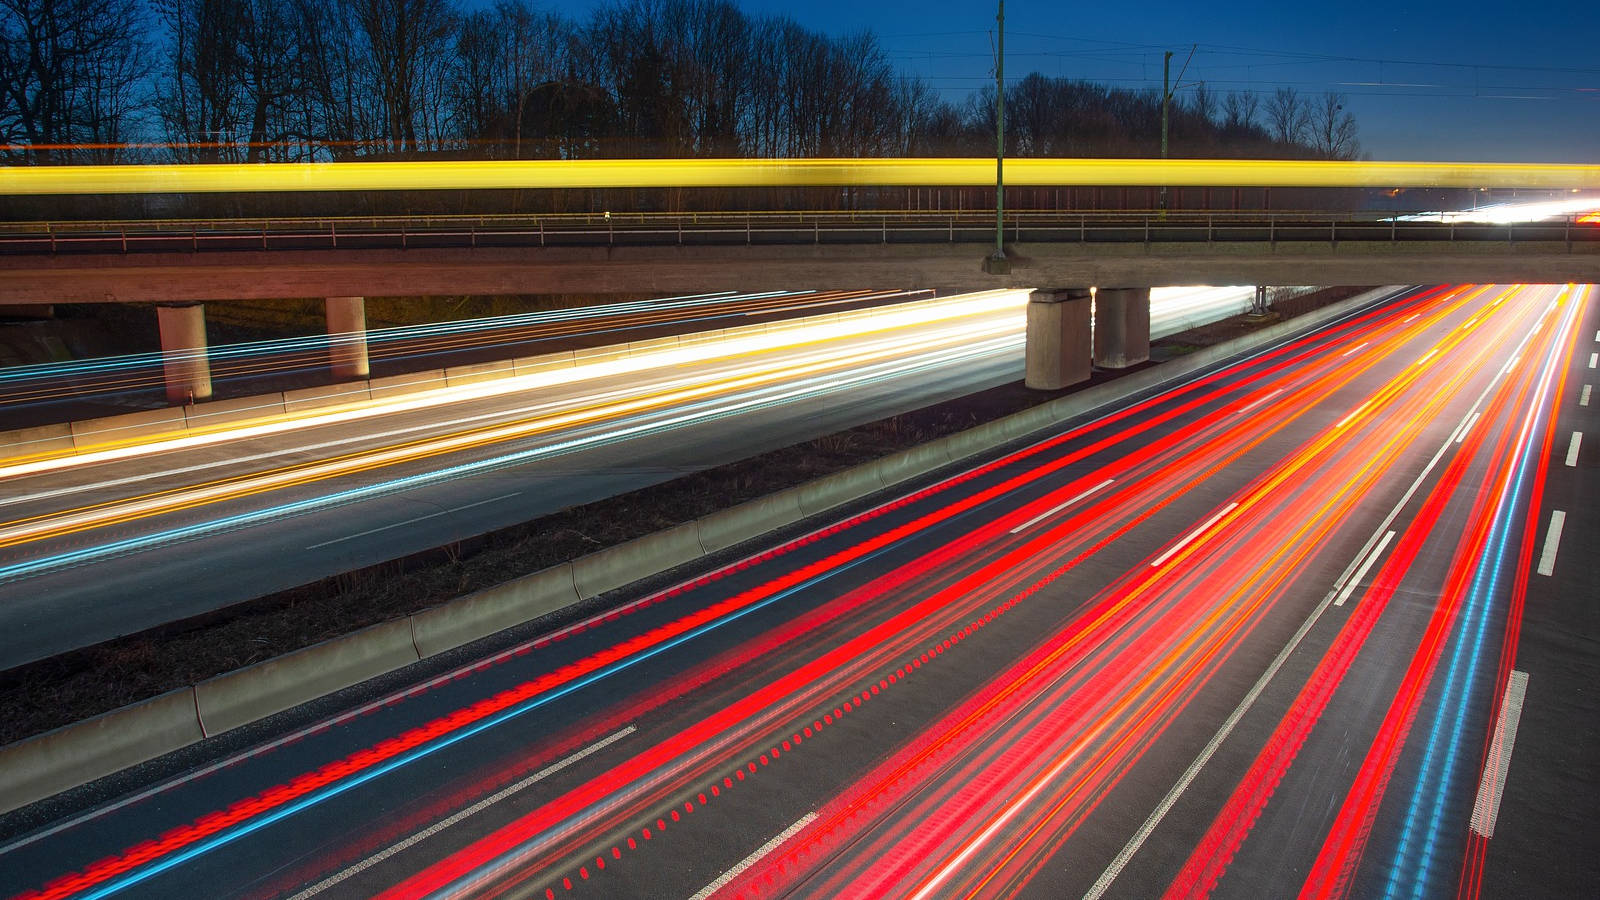 住友ゴム×群馬大学|完全自動運転に対応したタイヤ周辺サービスの開発で、共同研究に着手